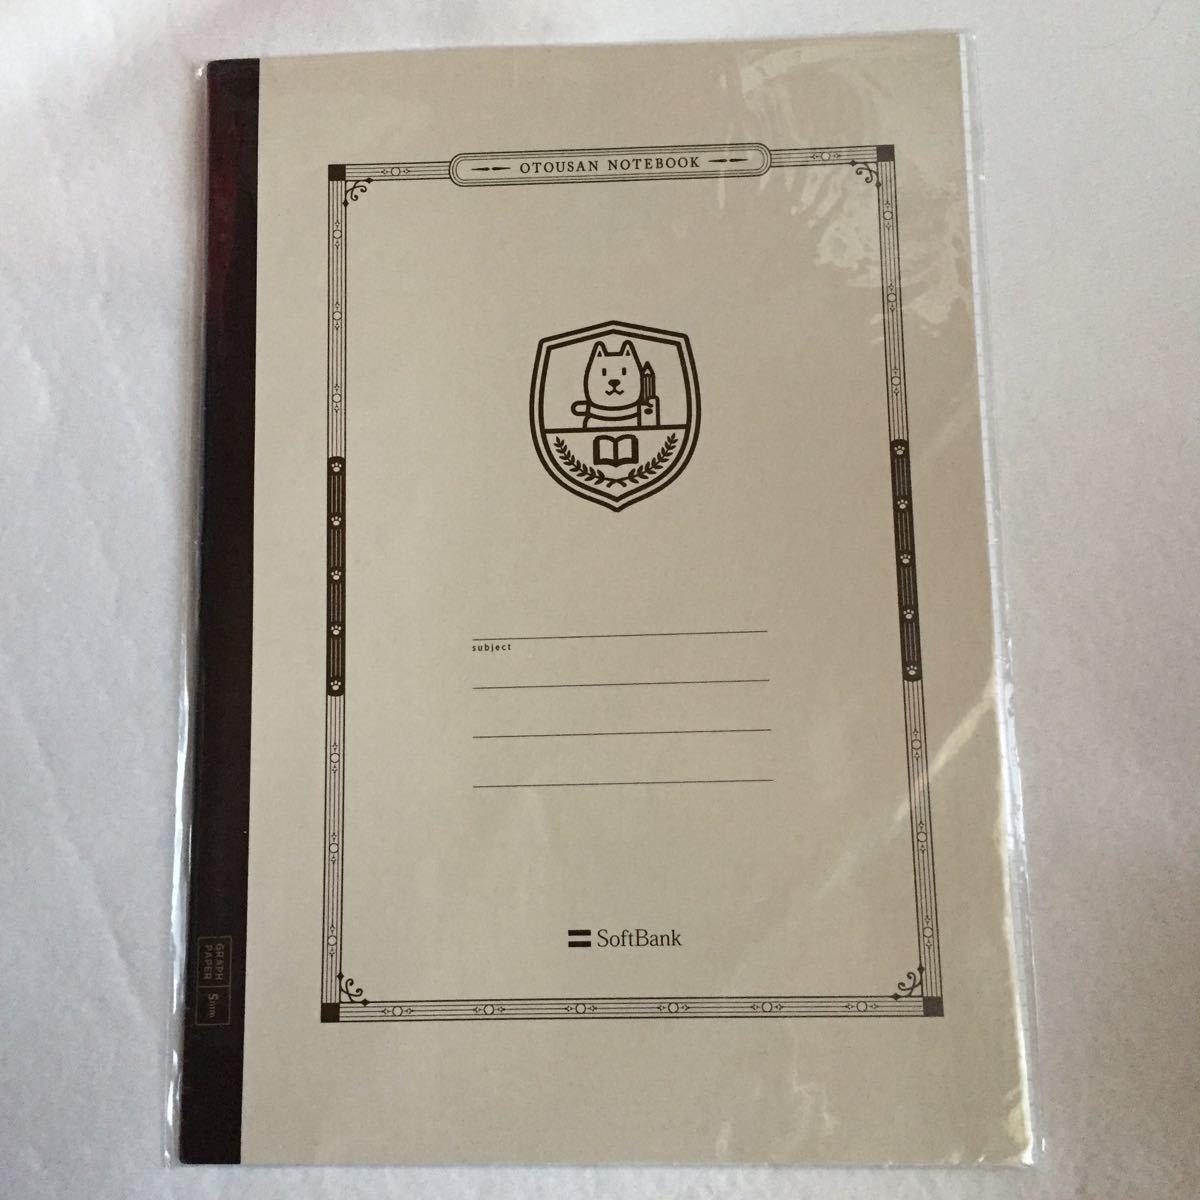 お父さん B5 ノート イラスト SOFT BANK ソフトバンク 日本製 新品 非売品 オリジナル 文具 文房具 ノベルティグッズ